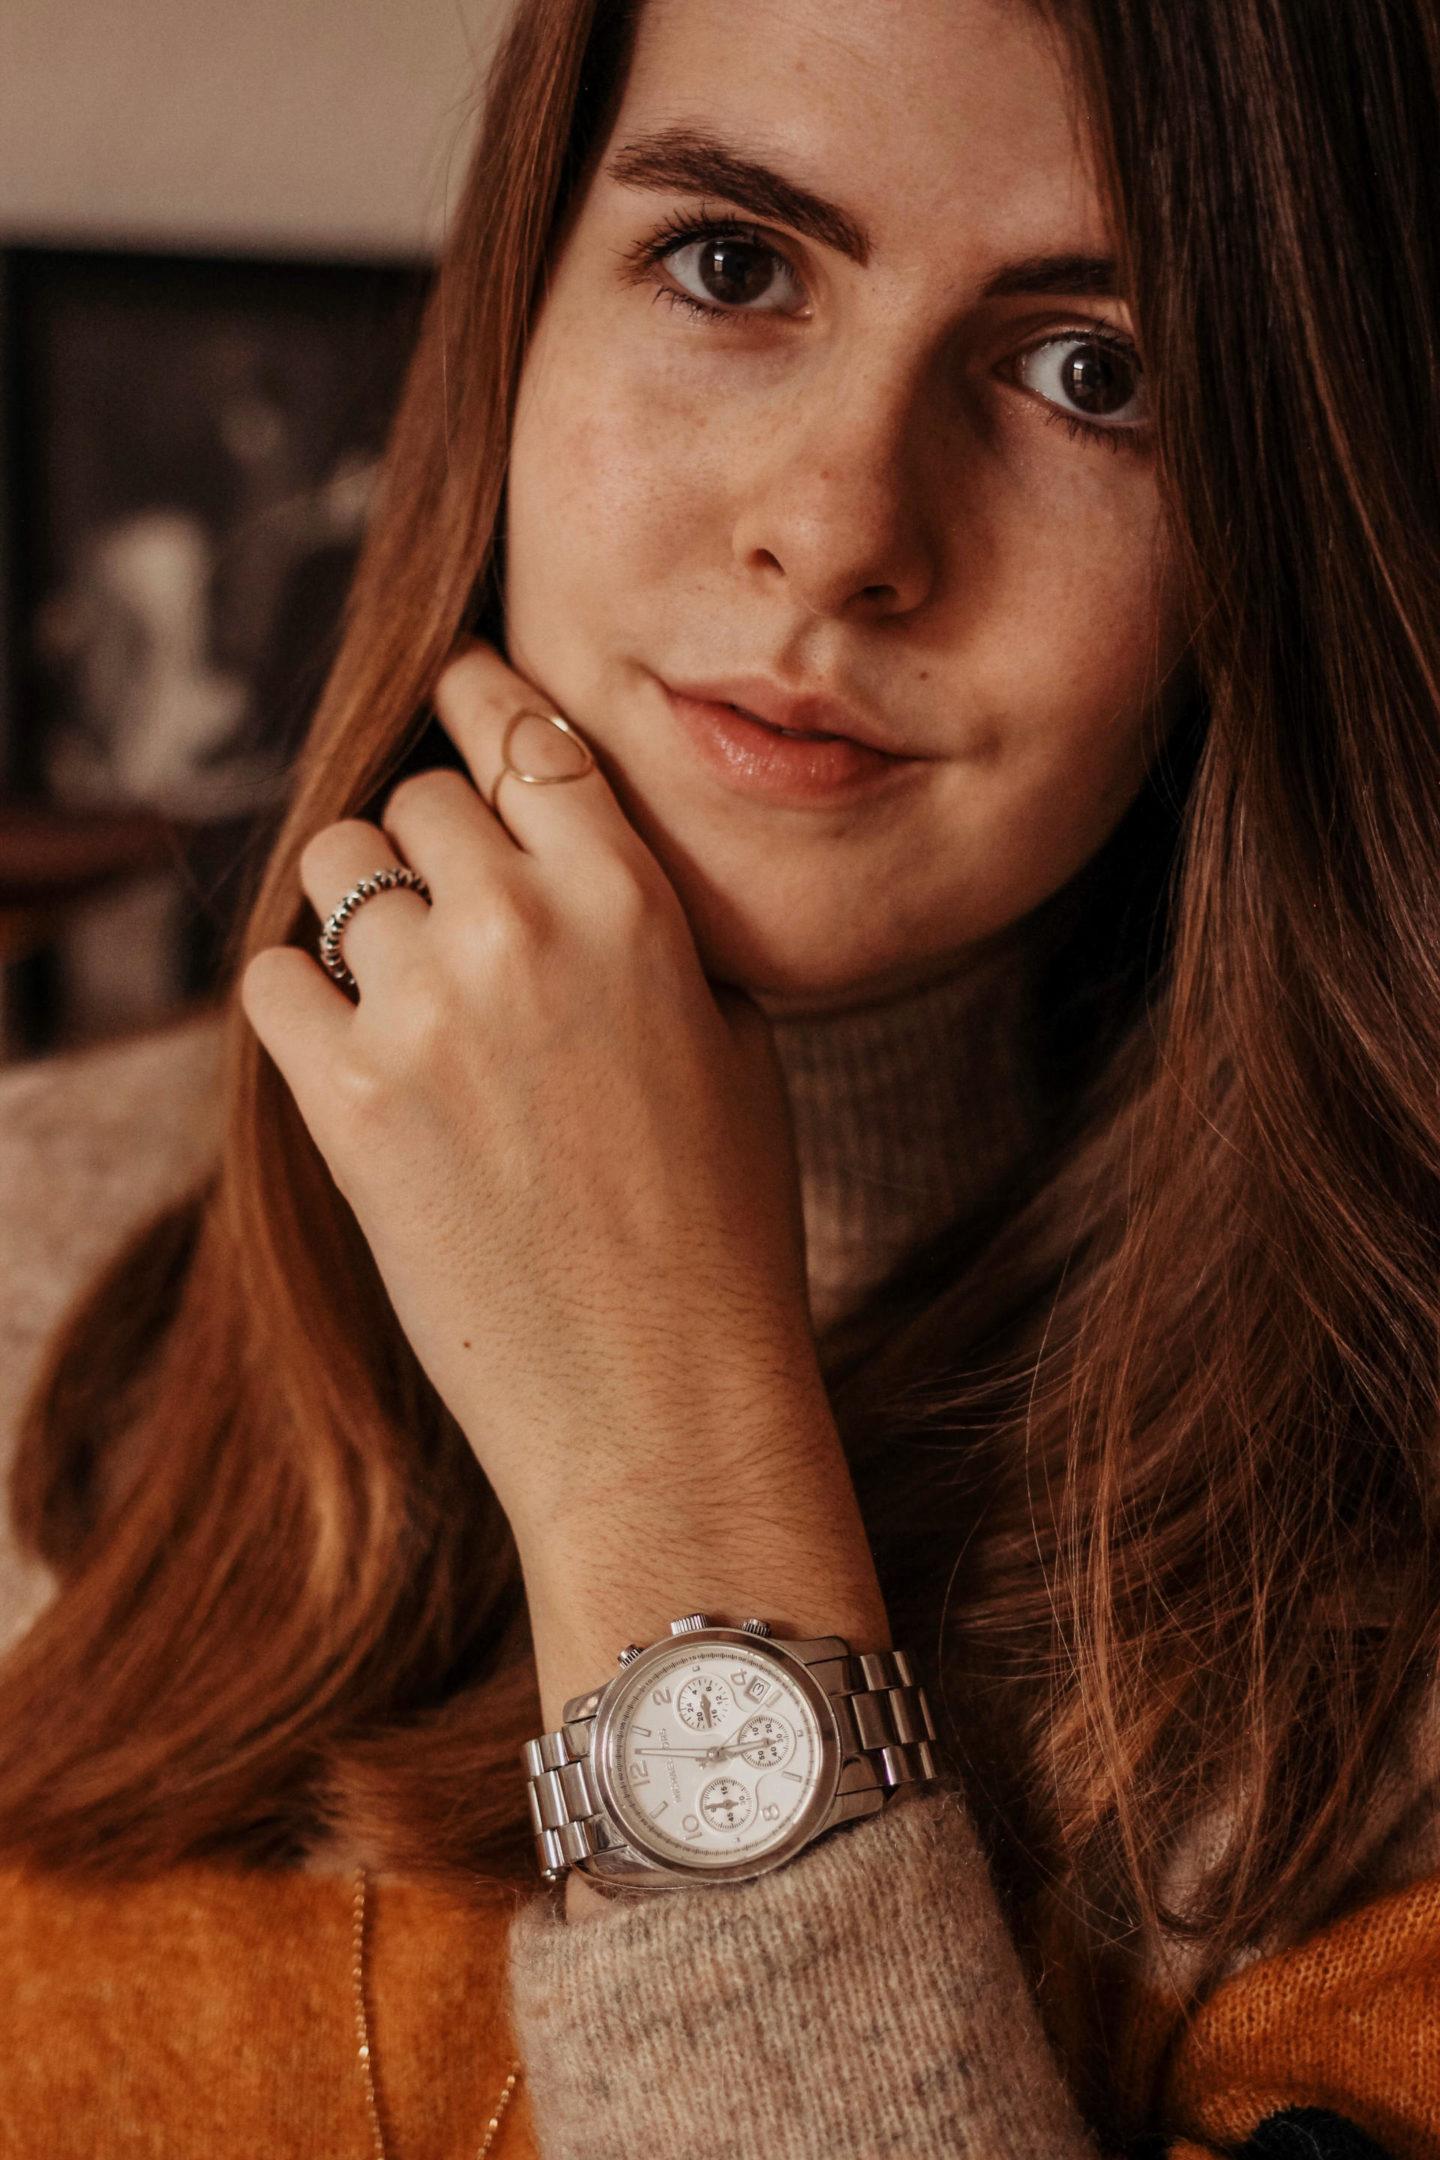 Valmano Uhren